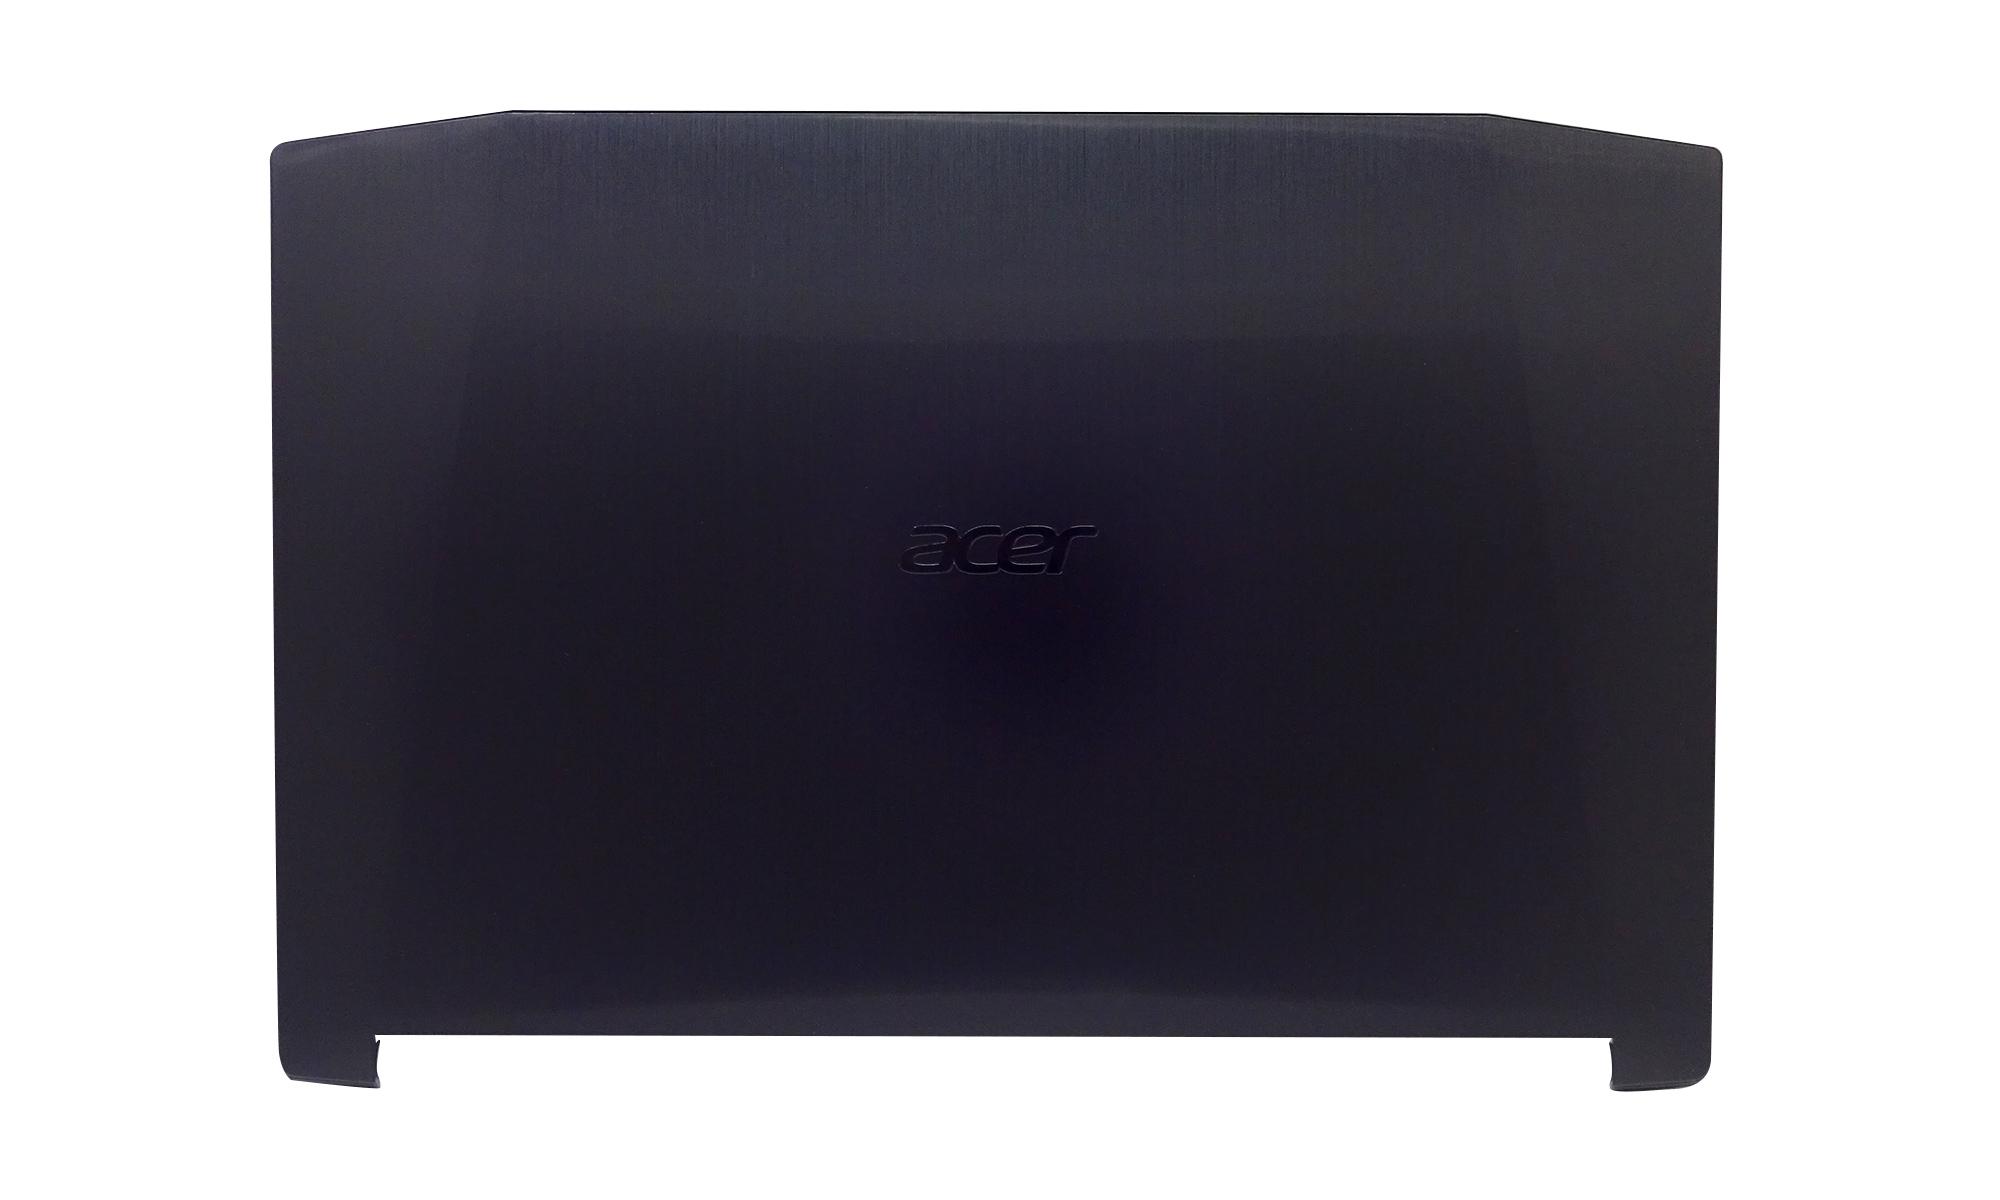 Capac display Acer Nitro 5 AN515-31, AN515-41, AN515-51, AN515-42, AN515-52, AN515-53 original